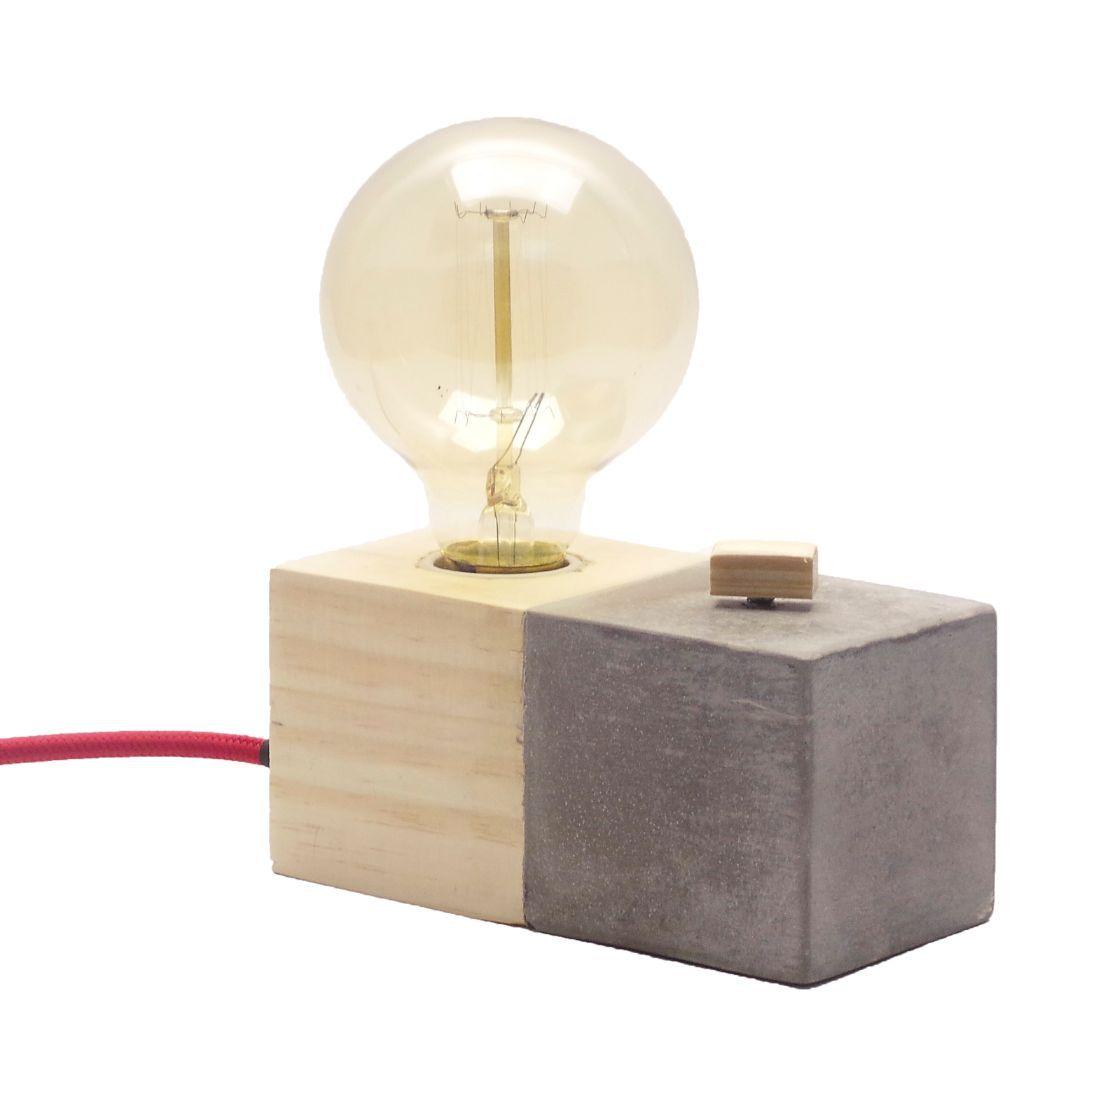 Luminária Bee em Madeira e Cimento Concreto com Dimmer e Cabo de Tecido  - ZOLT luminárias